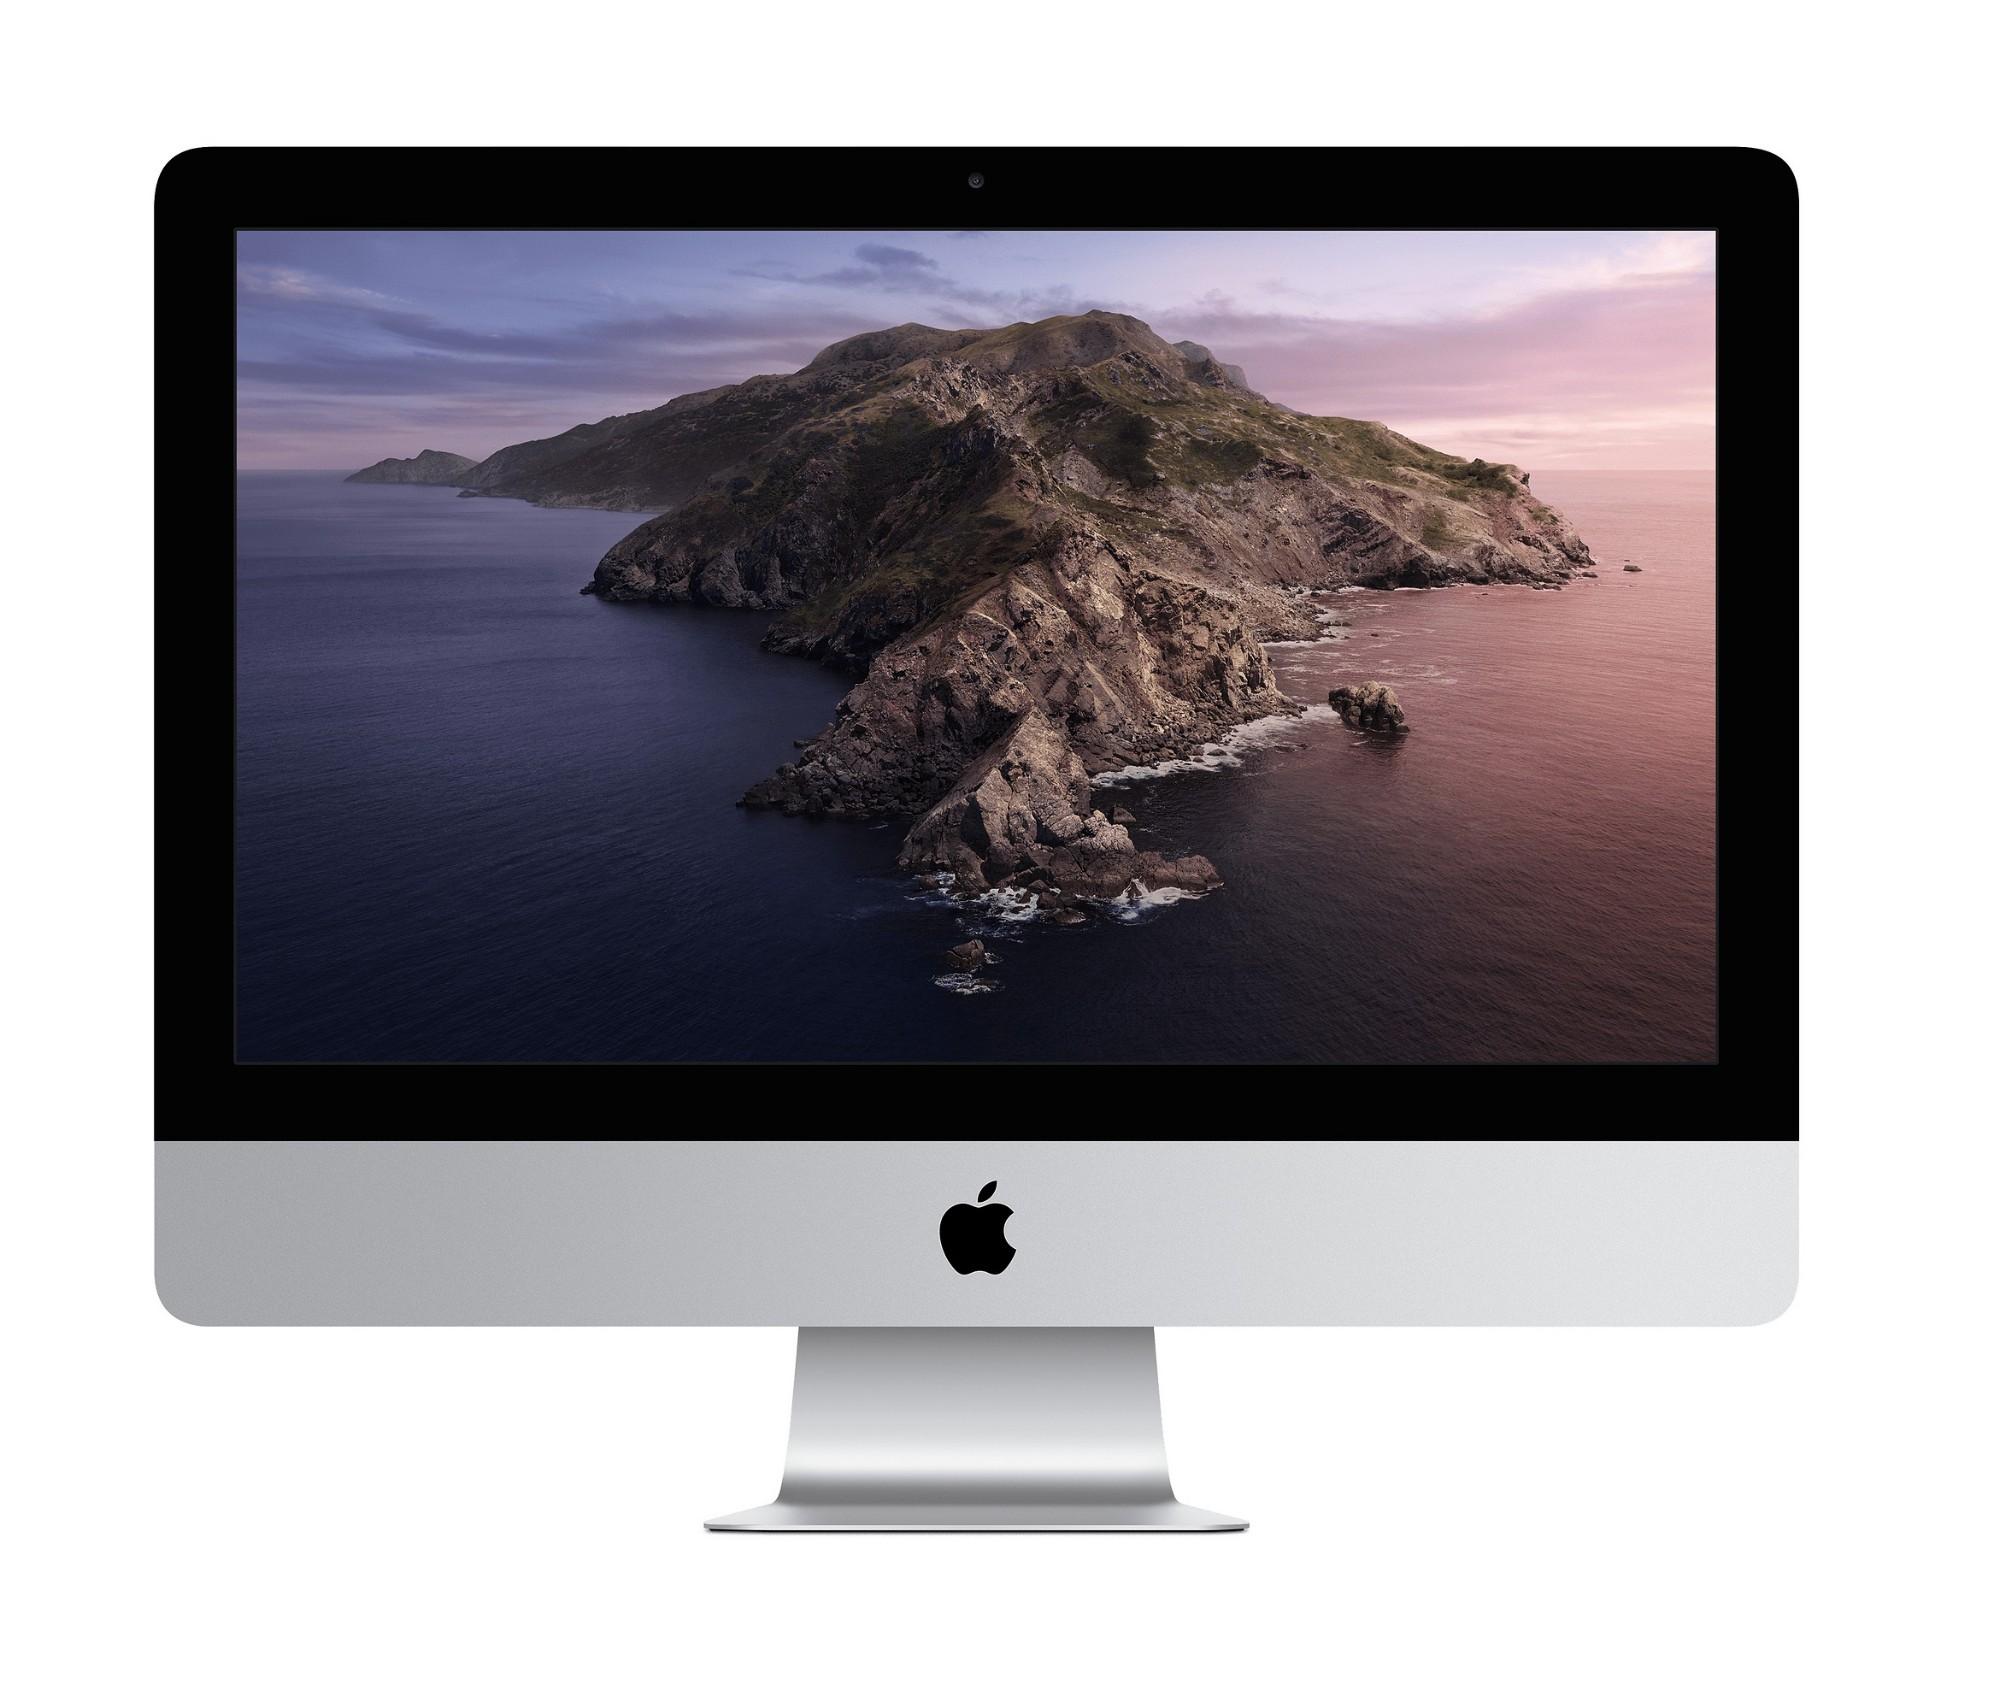 Apple iMac 21.5-inch : 2.3GHz dual-core 7th-Gen Intel Core i5 processor, 256GB (Mid-2017)